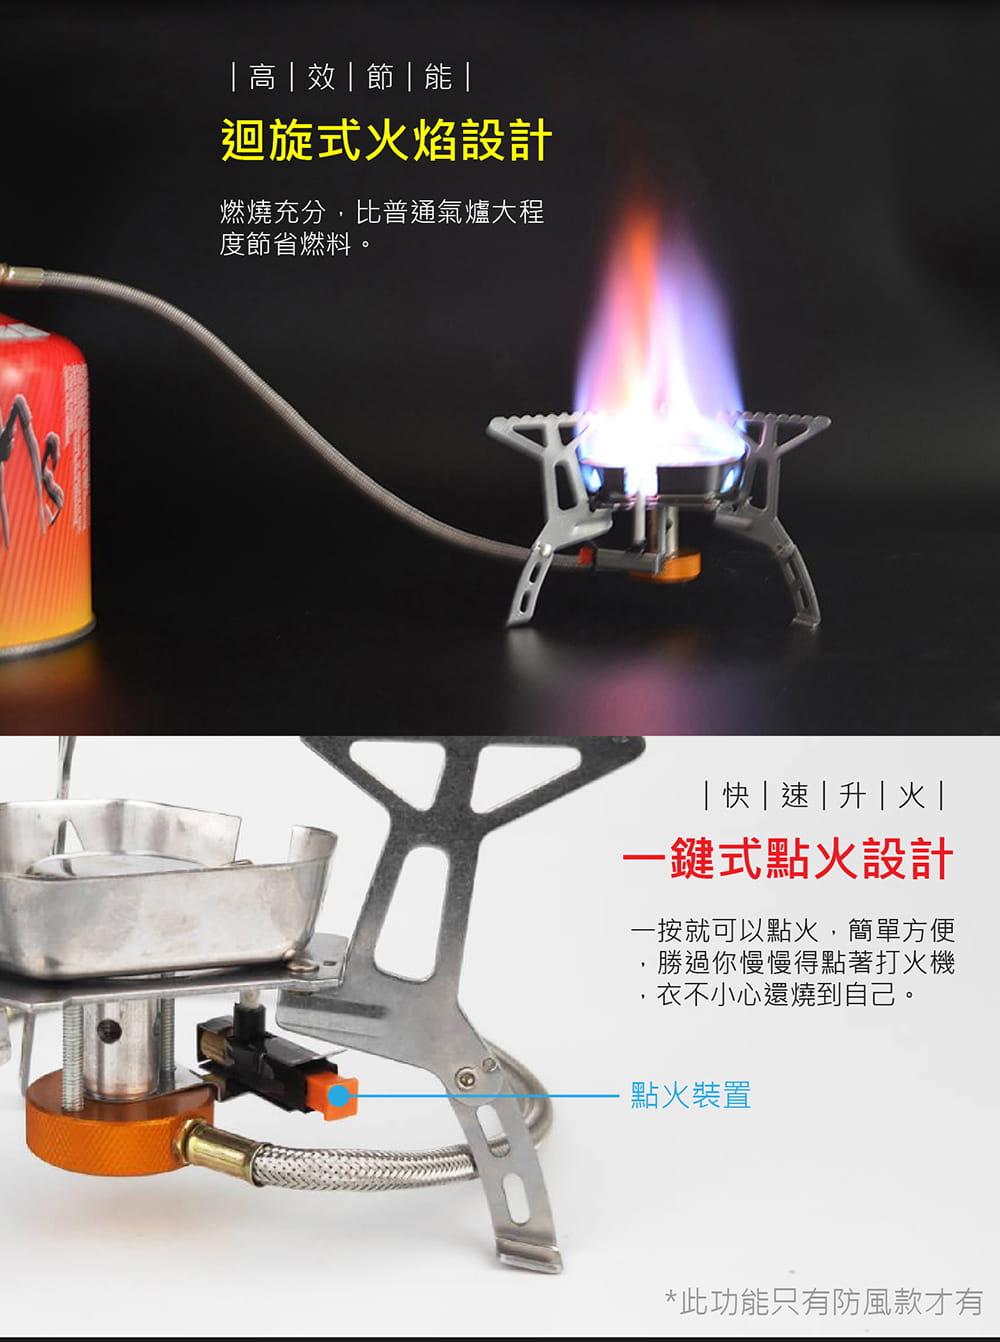 【抗強風款 登山 野炊爐】送轉接器 烤肉架 露營 野餐 瓦斯爐 卡式瓦斯爐 高山爐 2